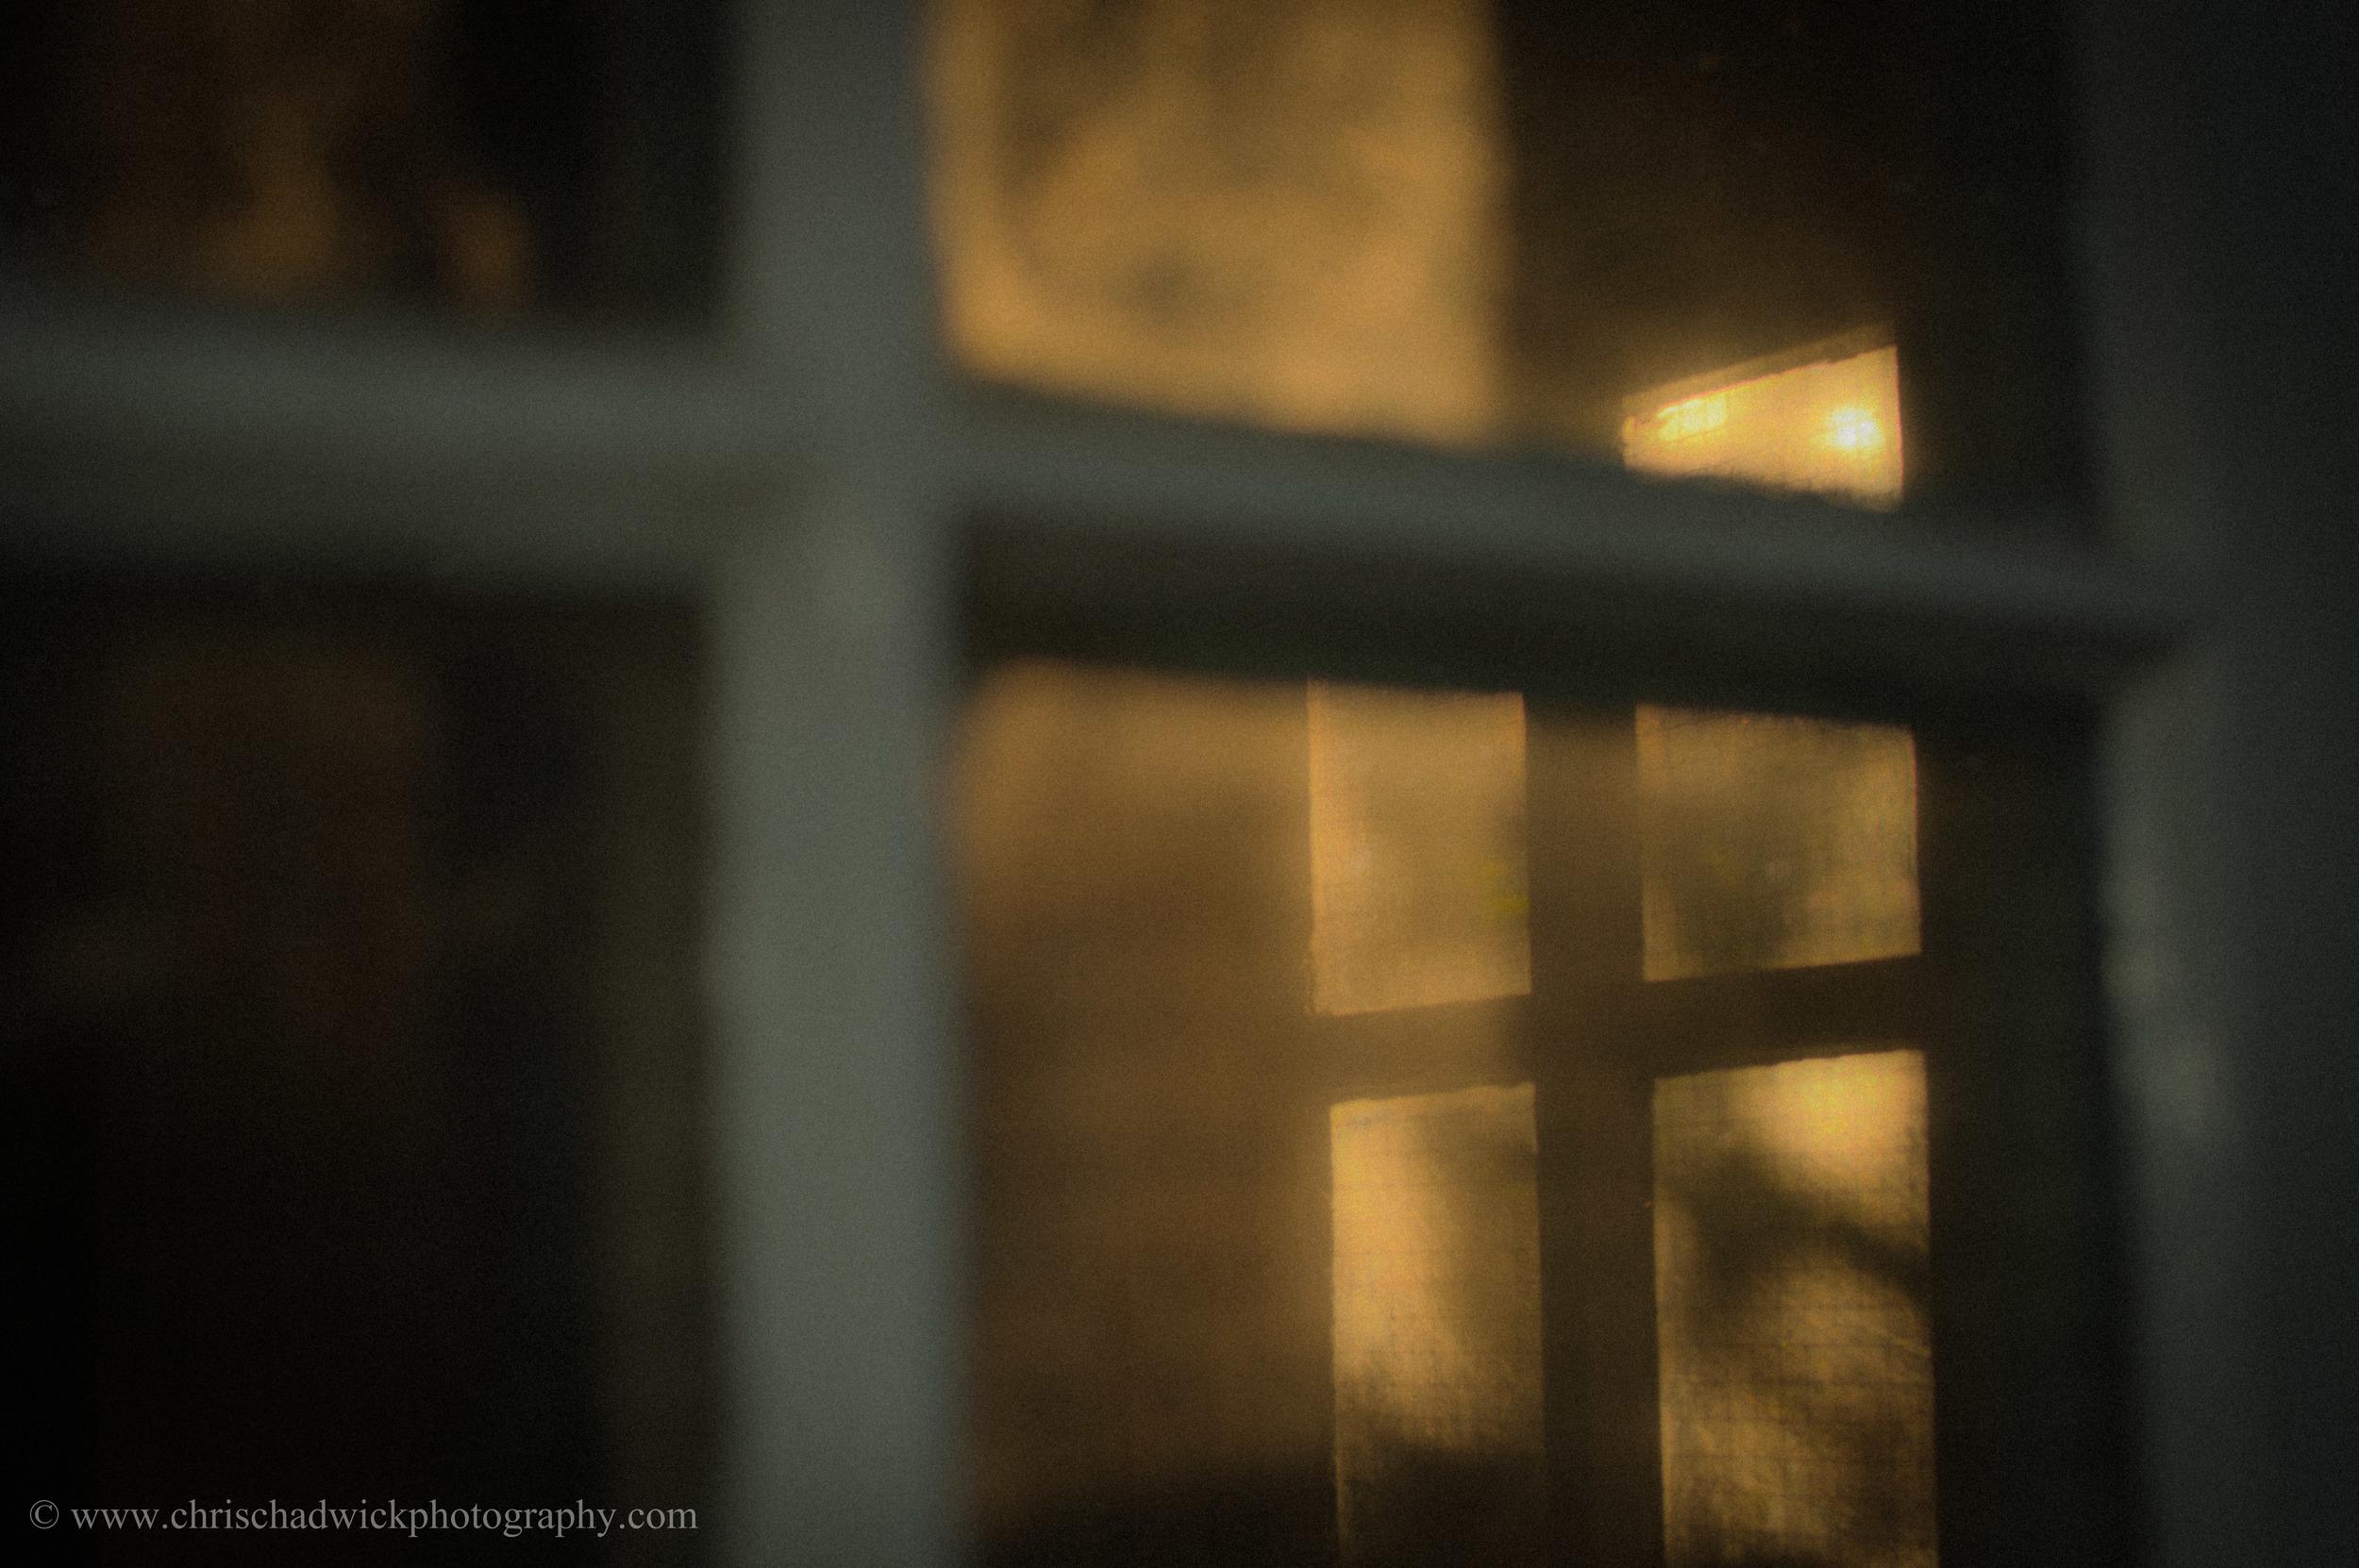 Window_on_a_window.jpg